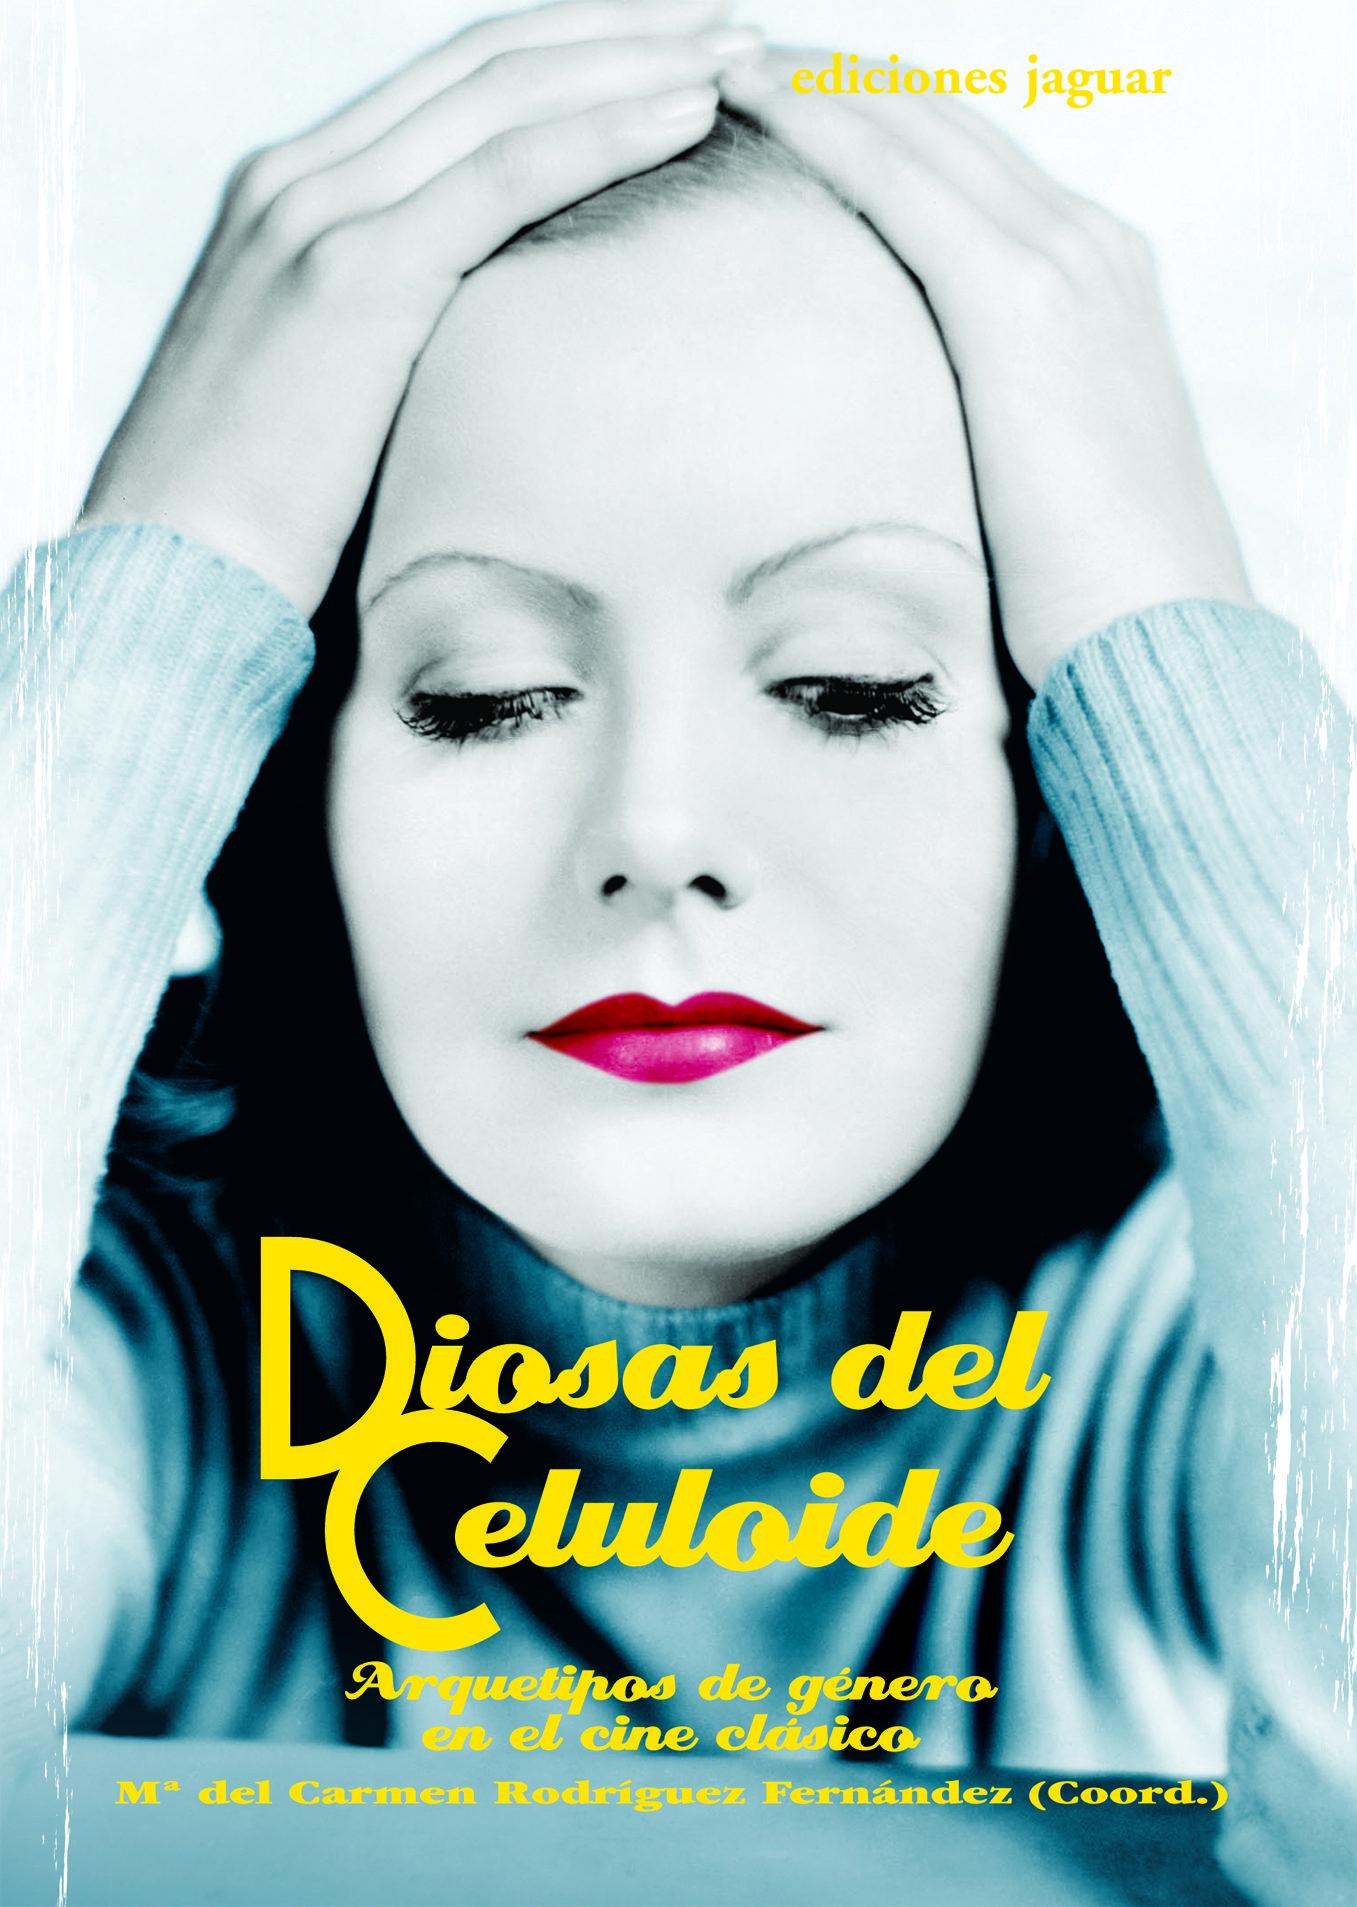 Aquest llibre estudia la influència que el pensament occidental ha tingut en la creació i divulgació d'arquetips femenins en el cine clàssic de Hollywood.